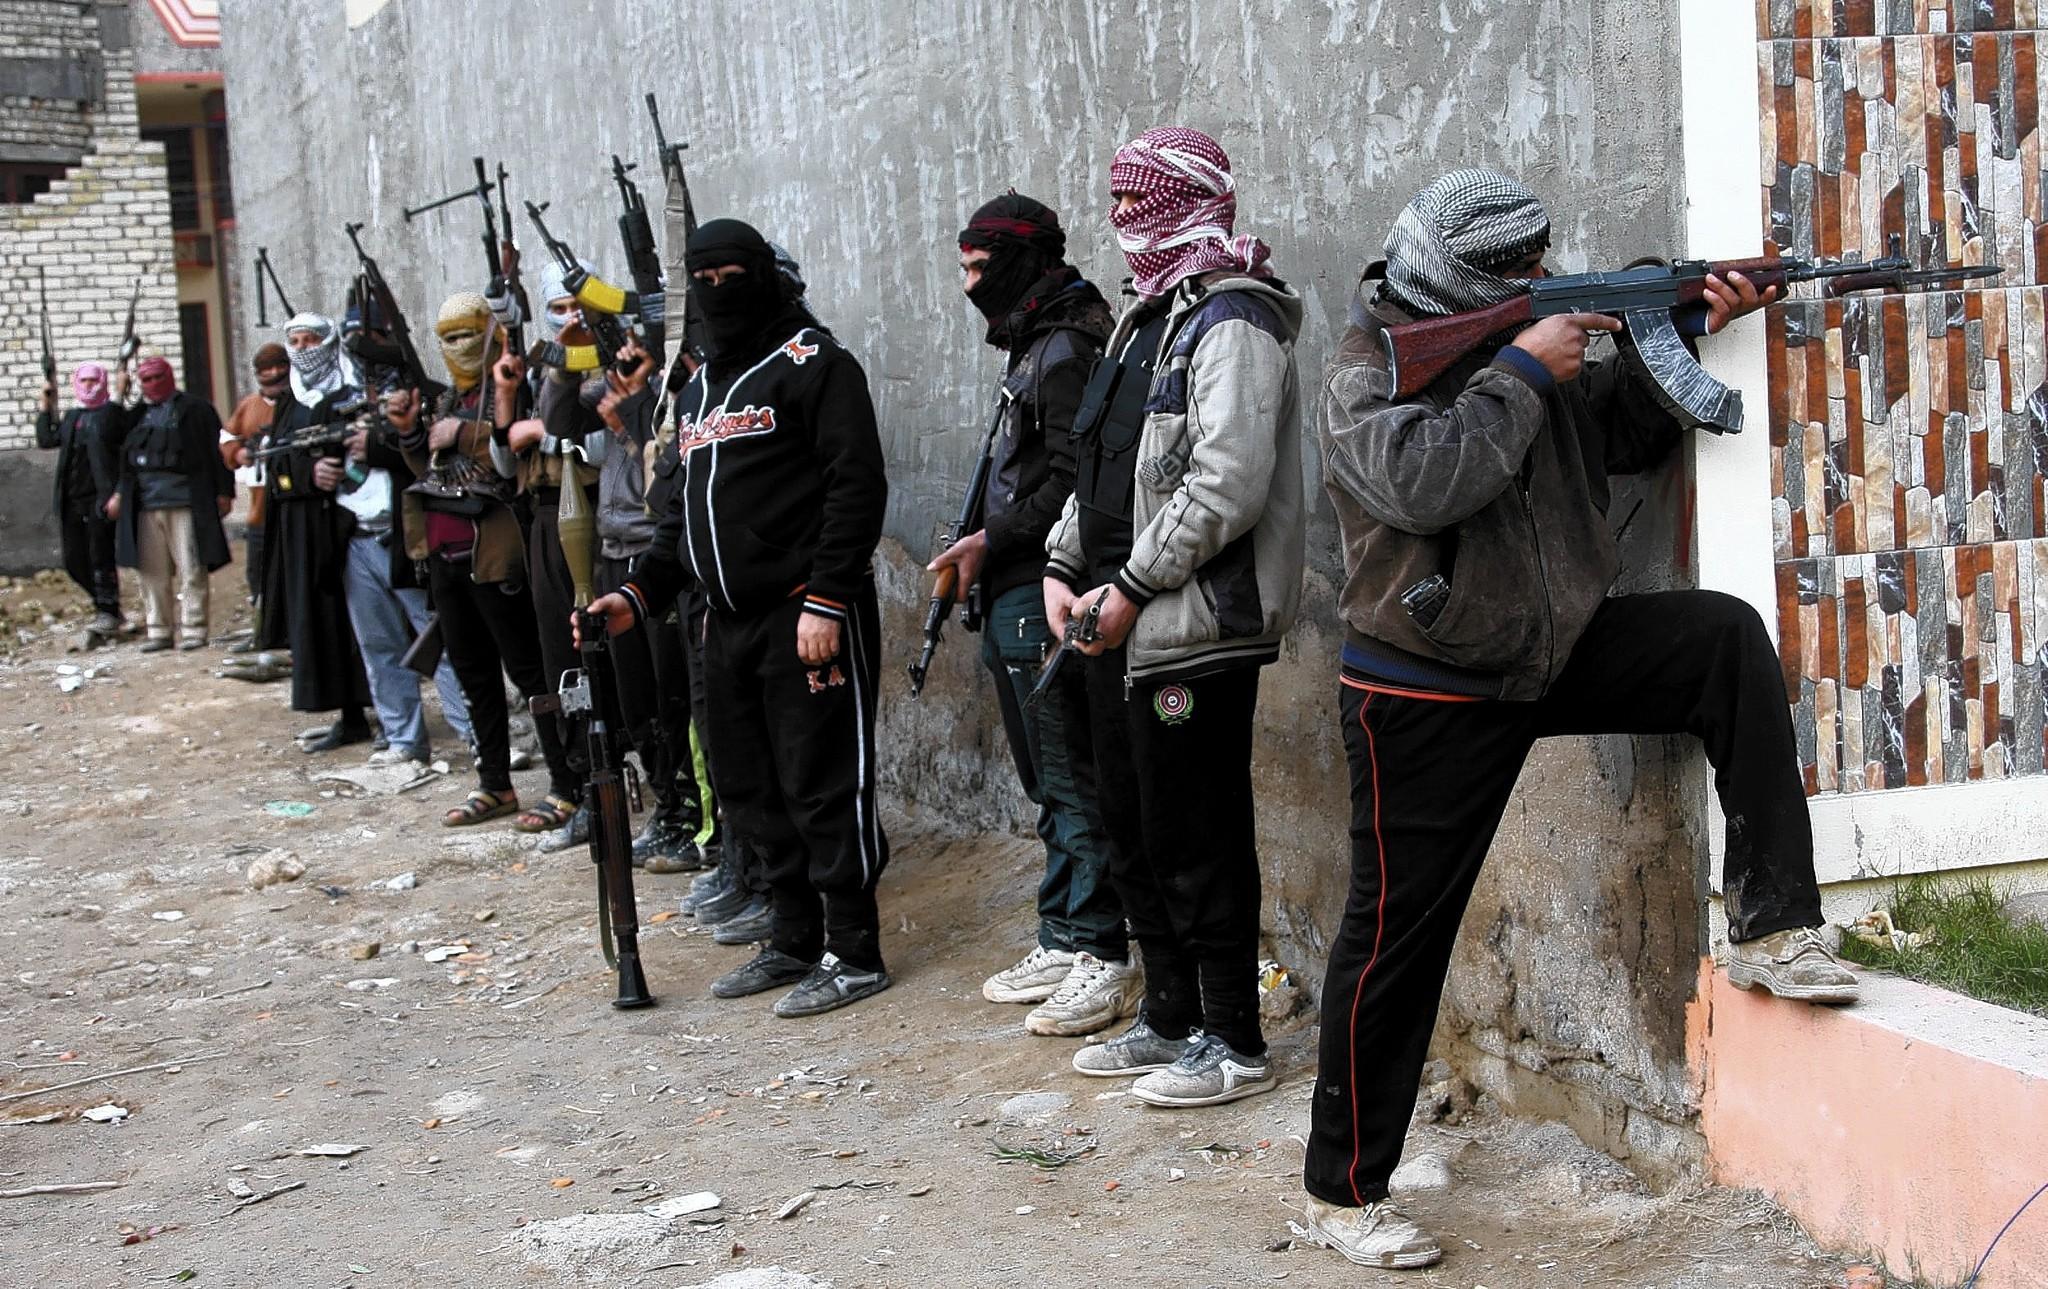 la-epa-iraq-conflict-fallujah-jpg-201401